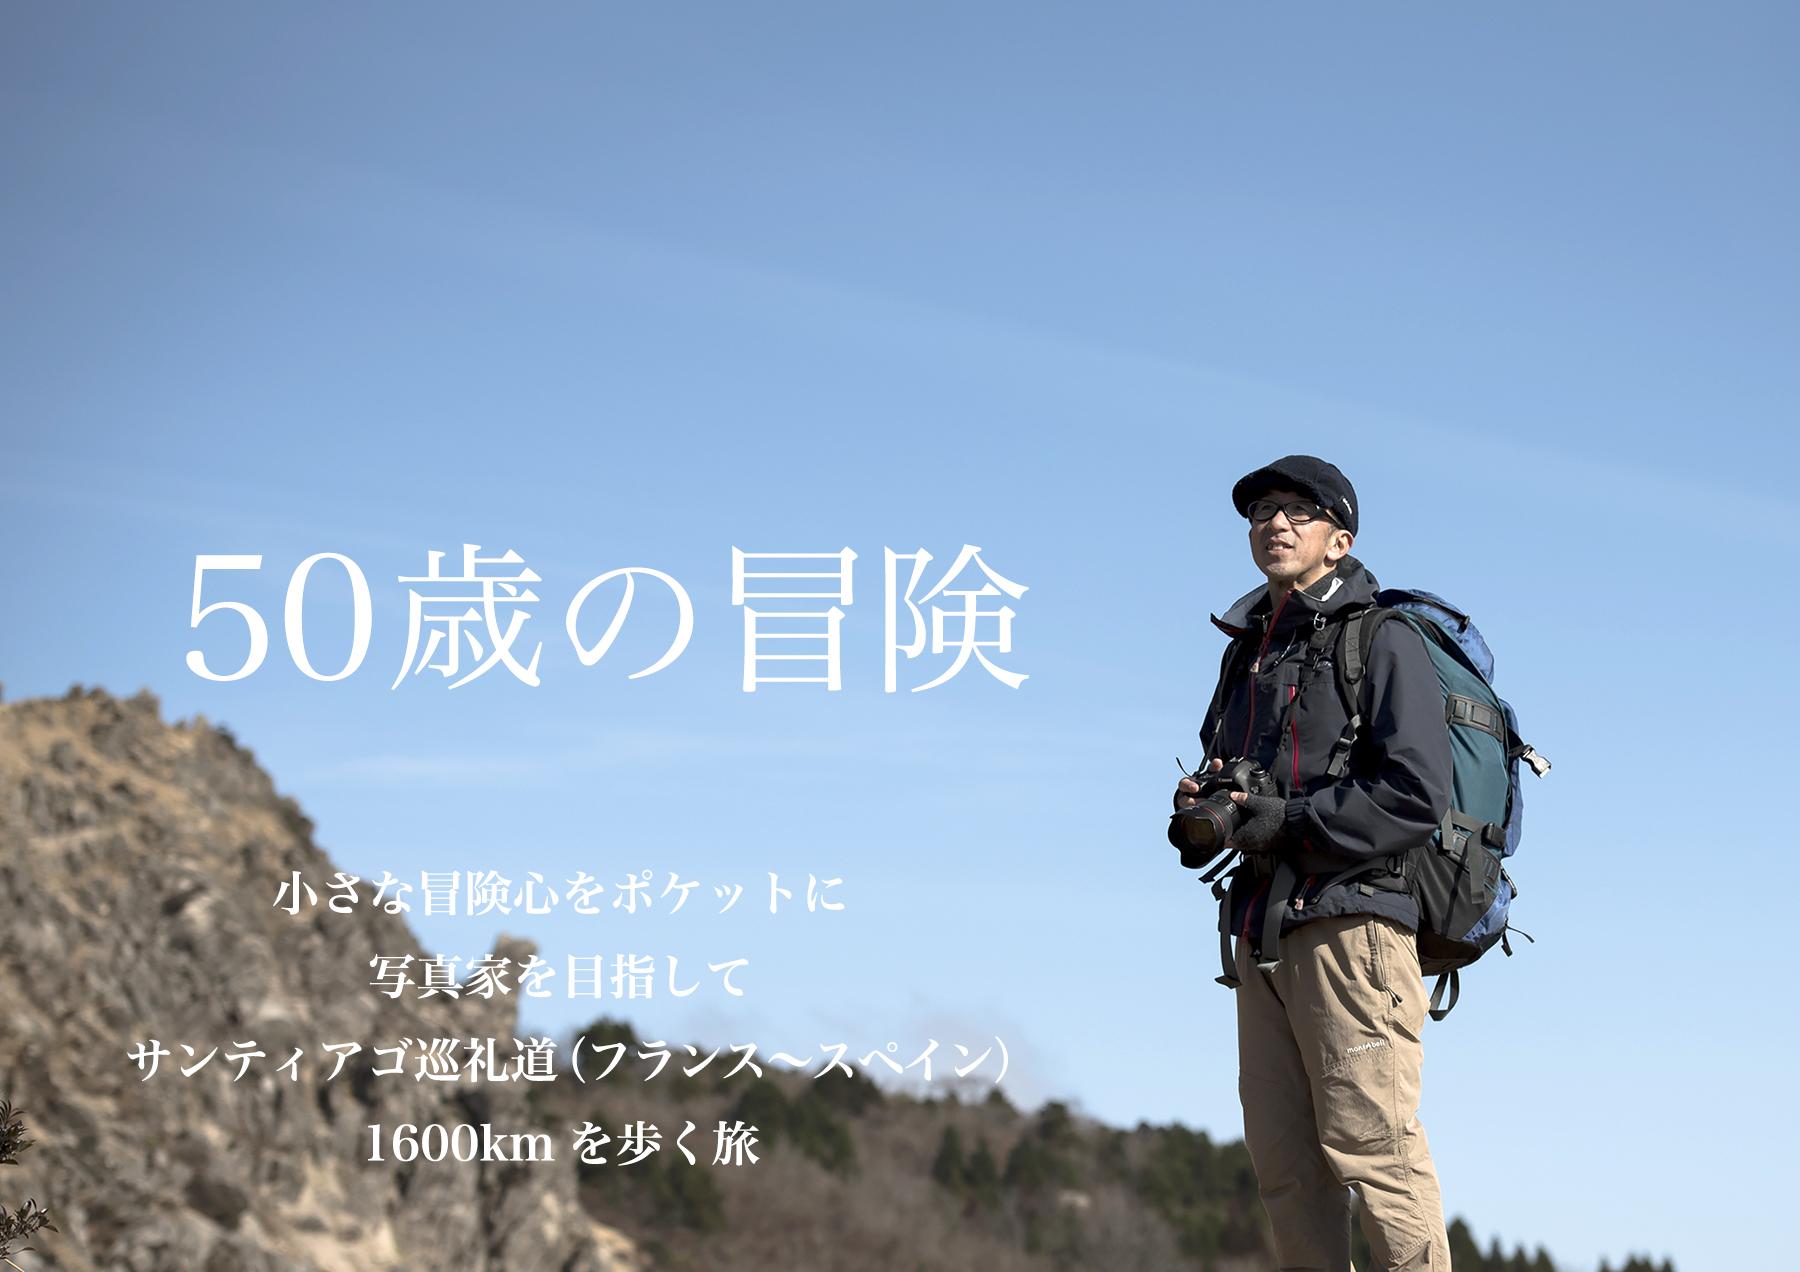 【サンティアゴ巡礼】50歳の冒険ブログを始めます!